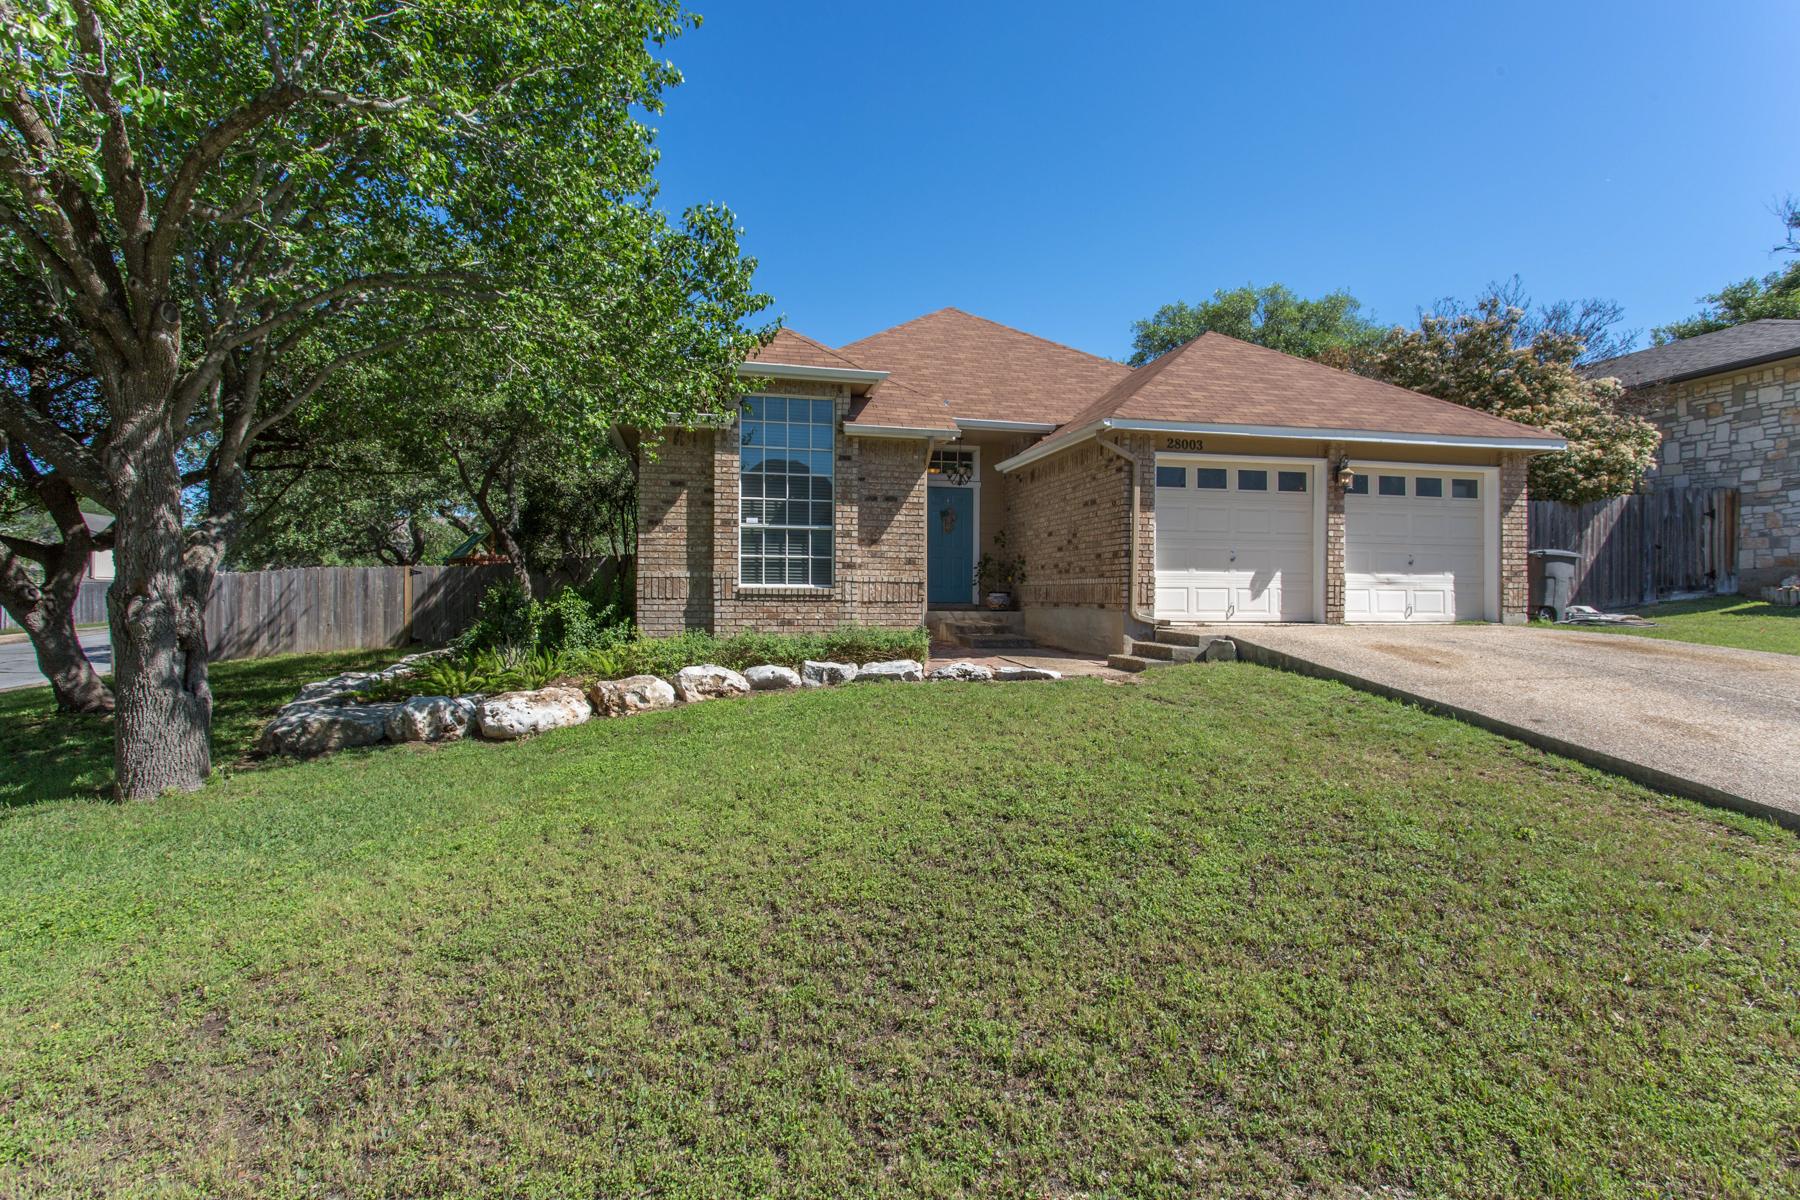 Vivienda unifamiliar por un Venta en Gorgeous Home in The Summit at Stone Oak 28003 Rocky Hollow San Antonio, Texas, 78258 Estados Unidos